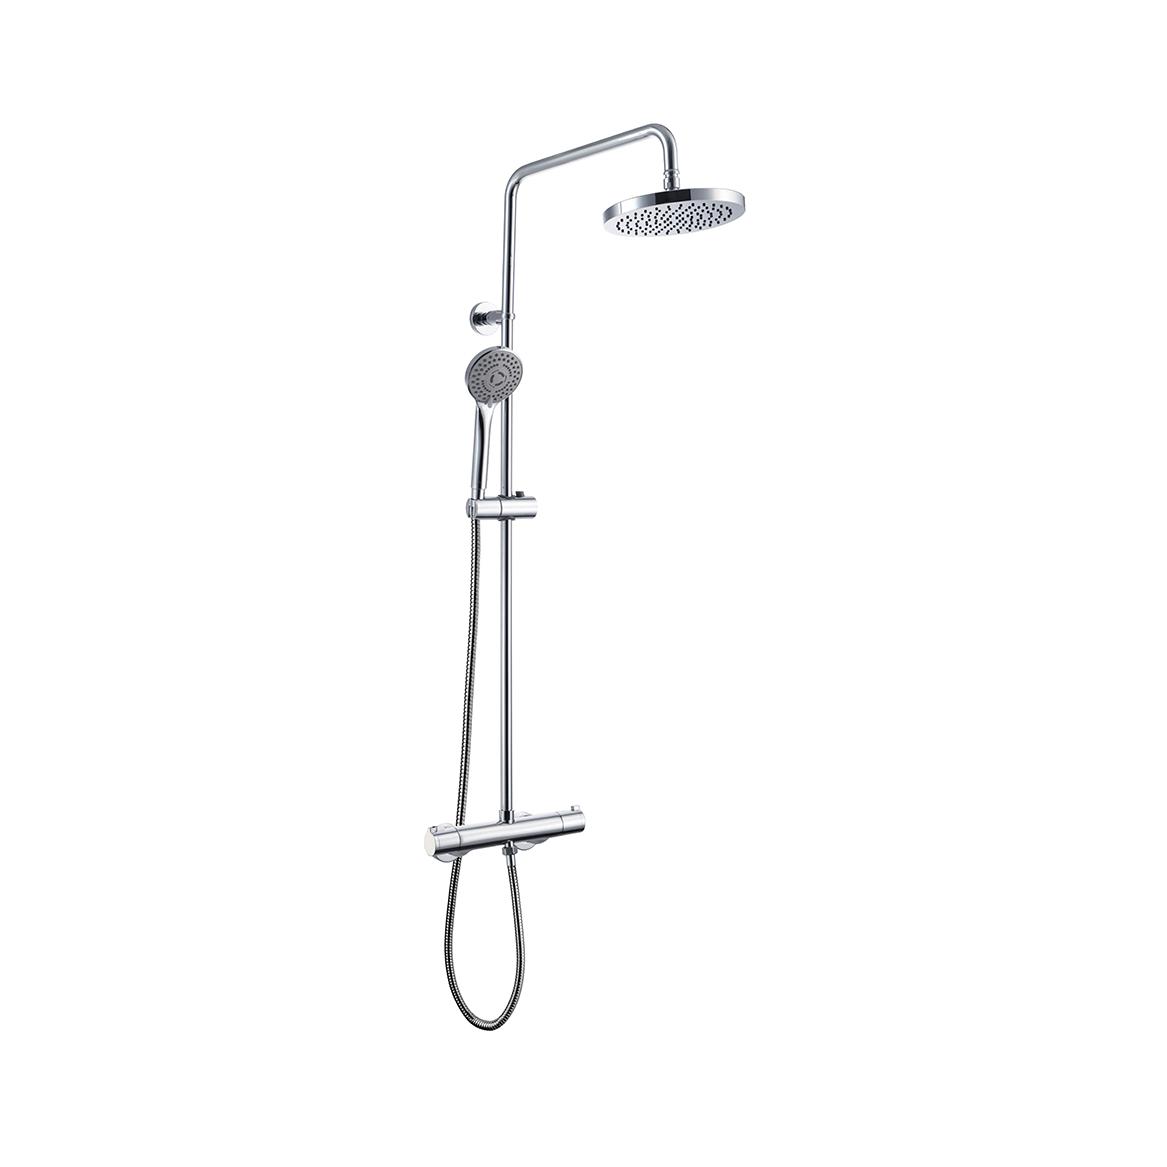 Grifo ducha termost tico box 311201 ref 98995 - Grifo termostatico ducha ...